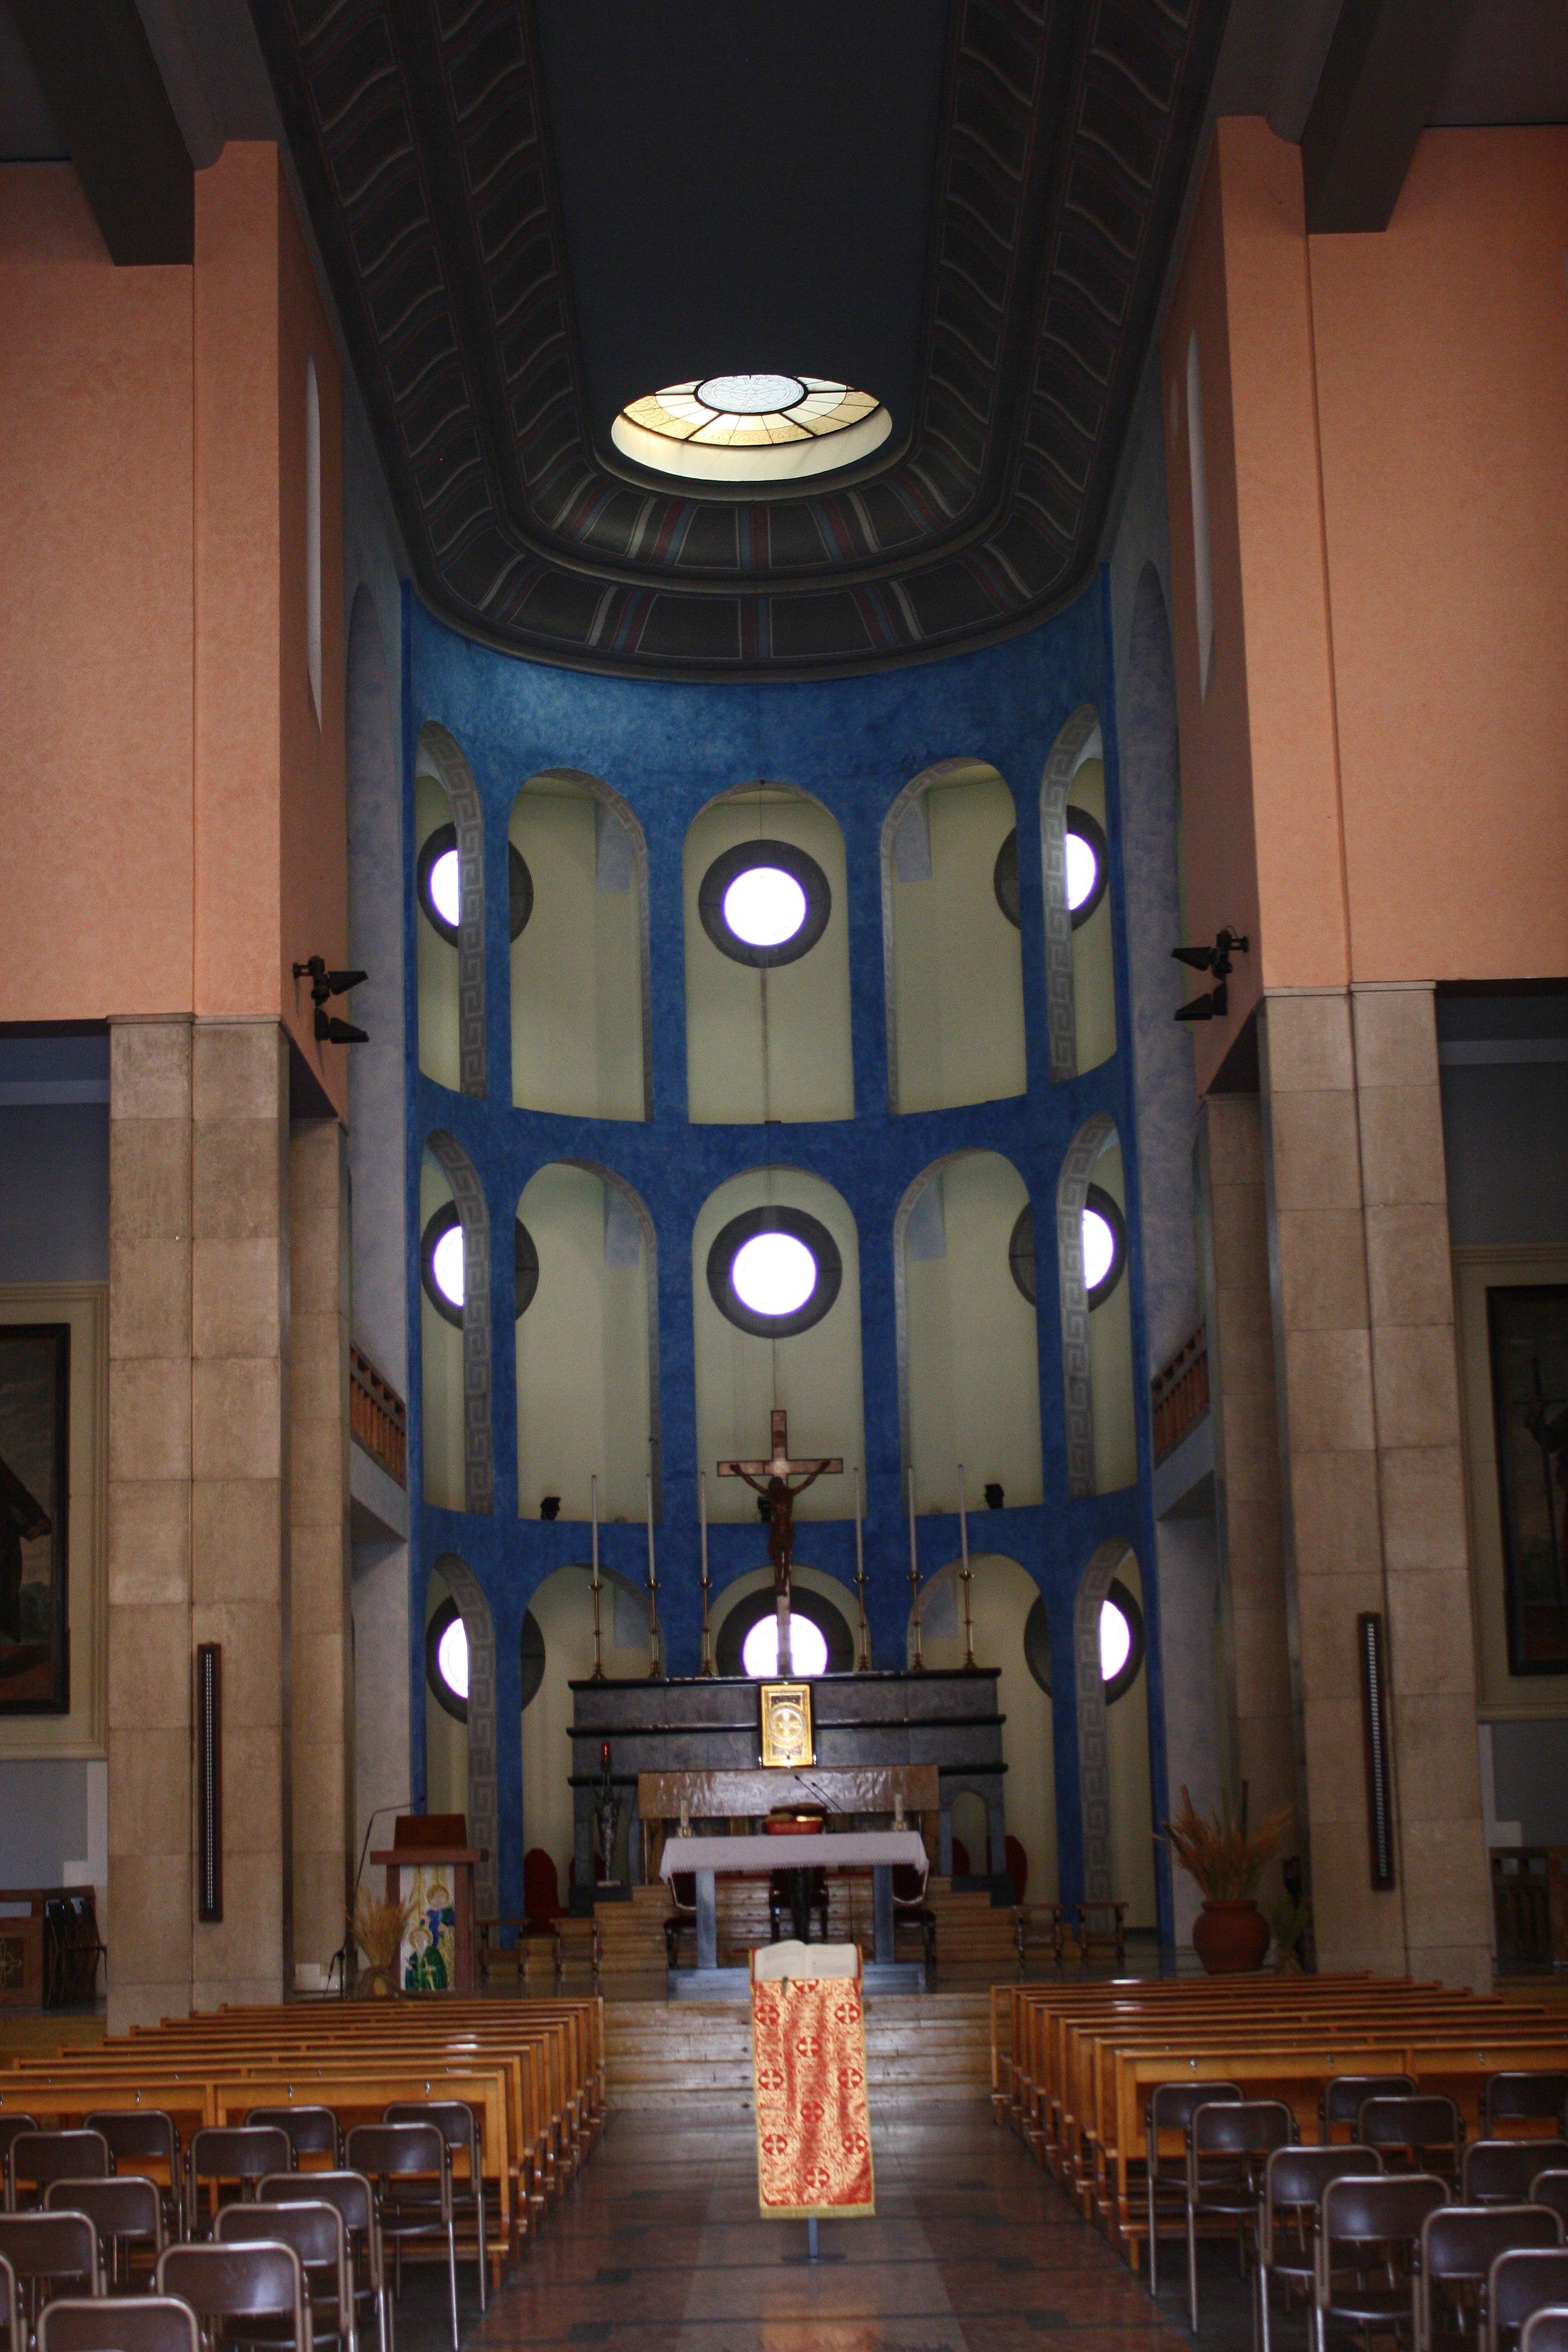 Home Design Busto Arsizio file:chiesa dei santi apostoli pietro e paolo (busto arsizio